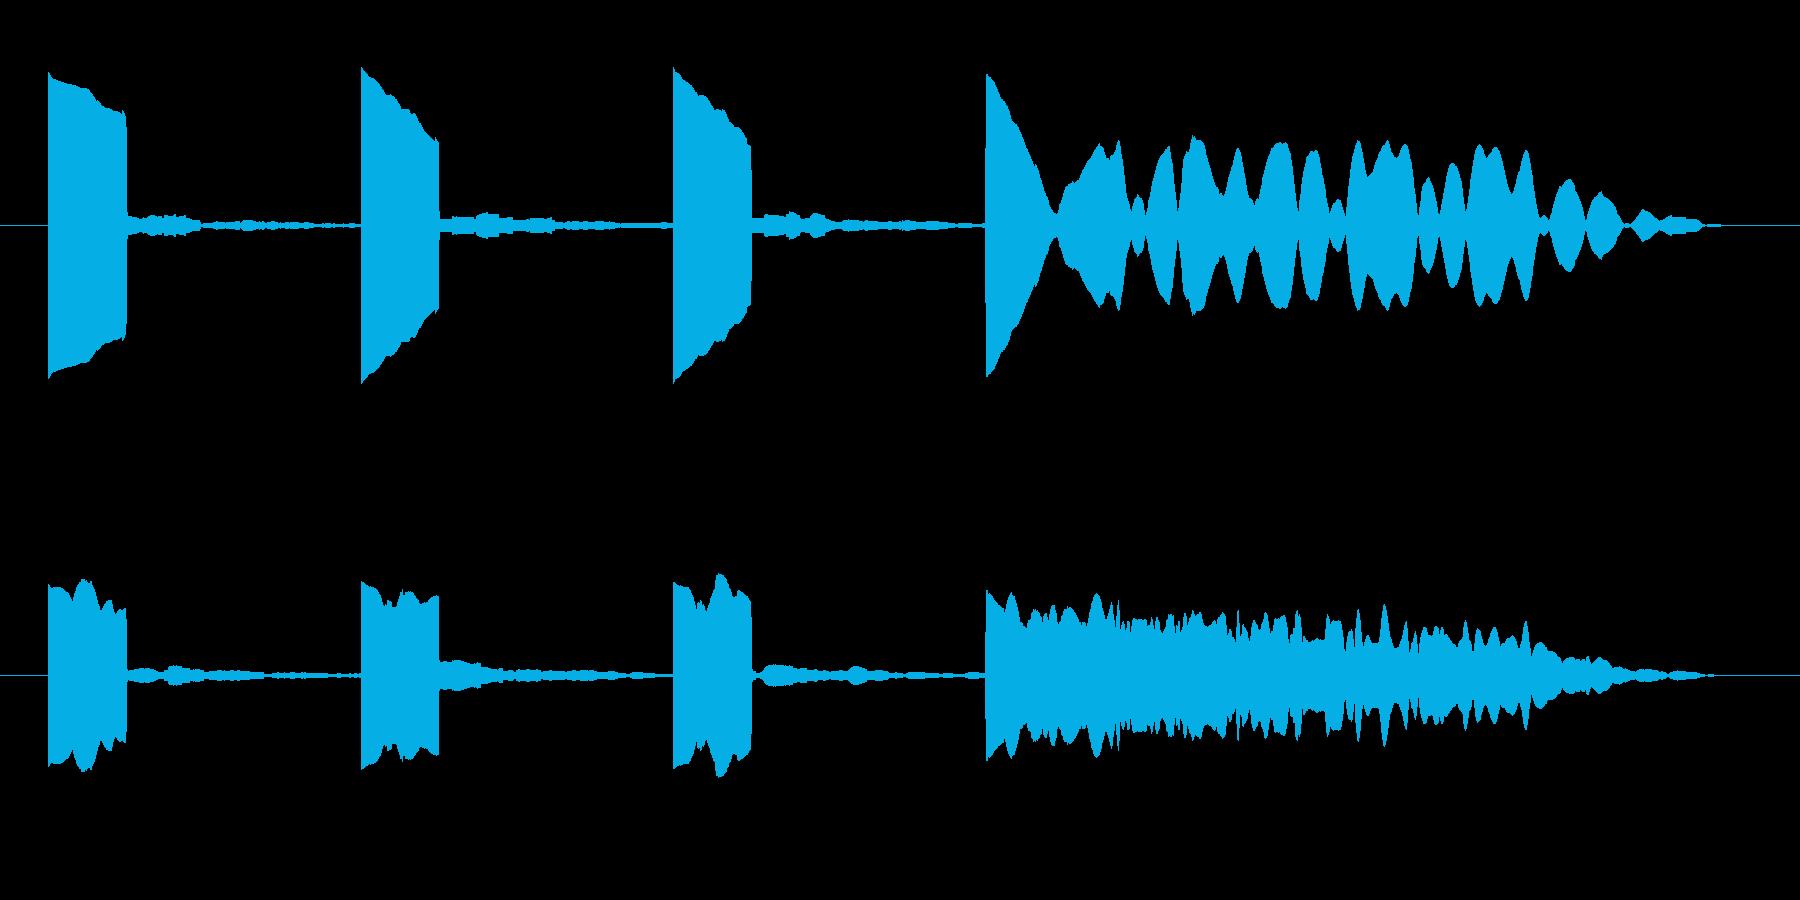 カウントダウン効果音 プップップップーの再生済みの波形